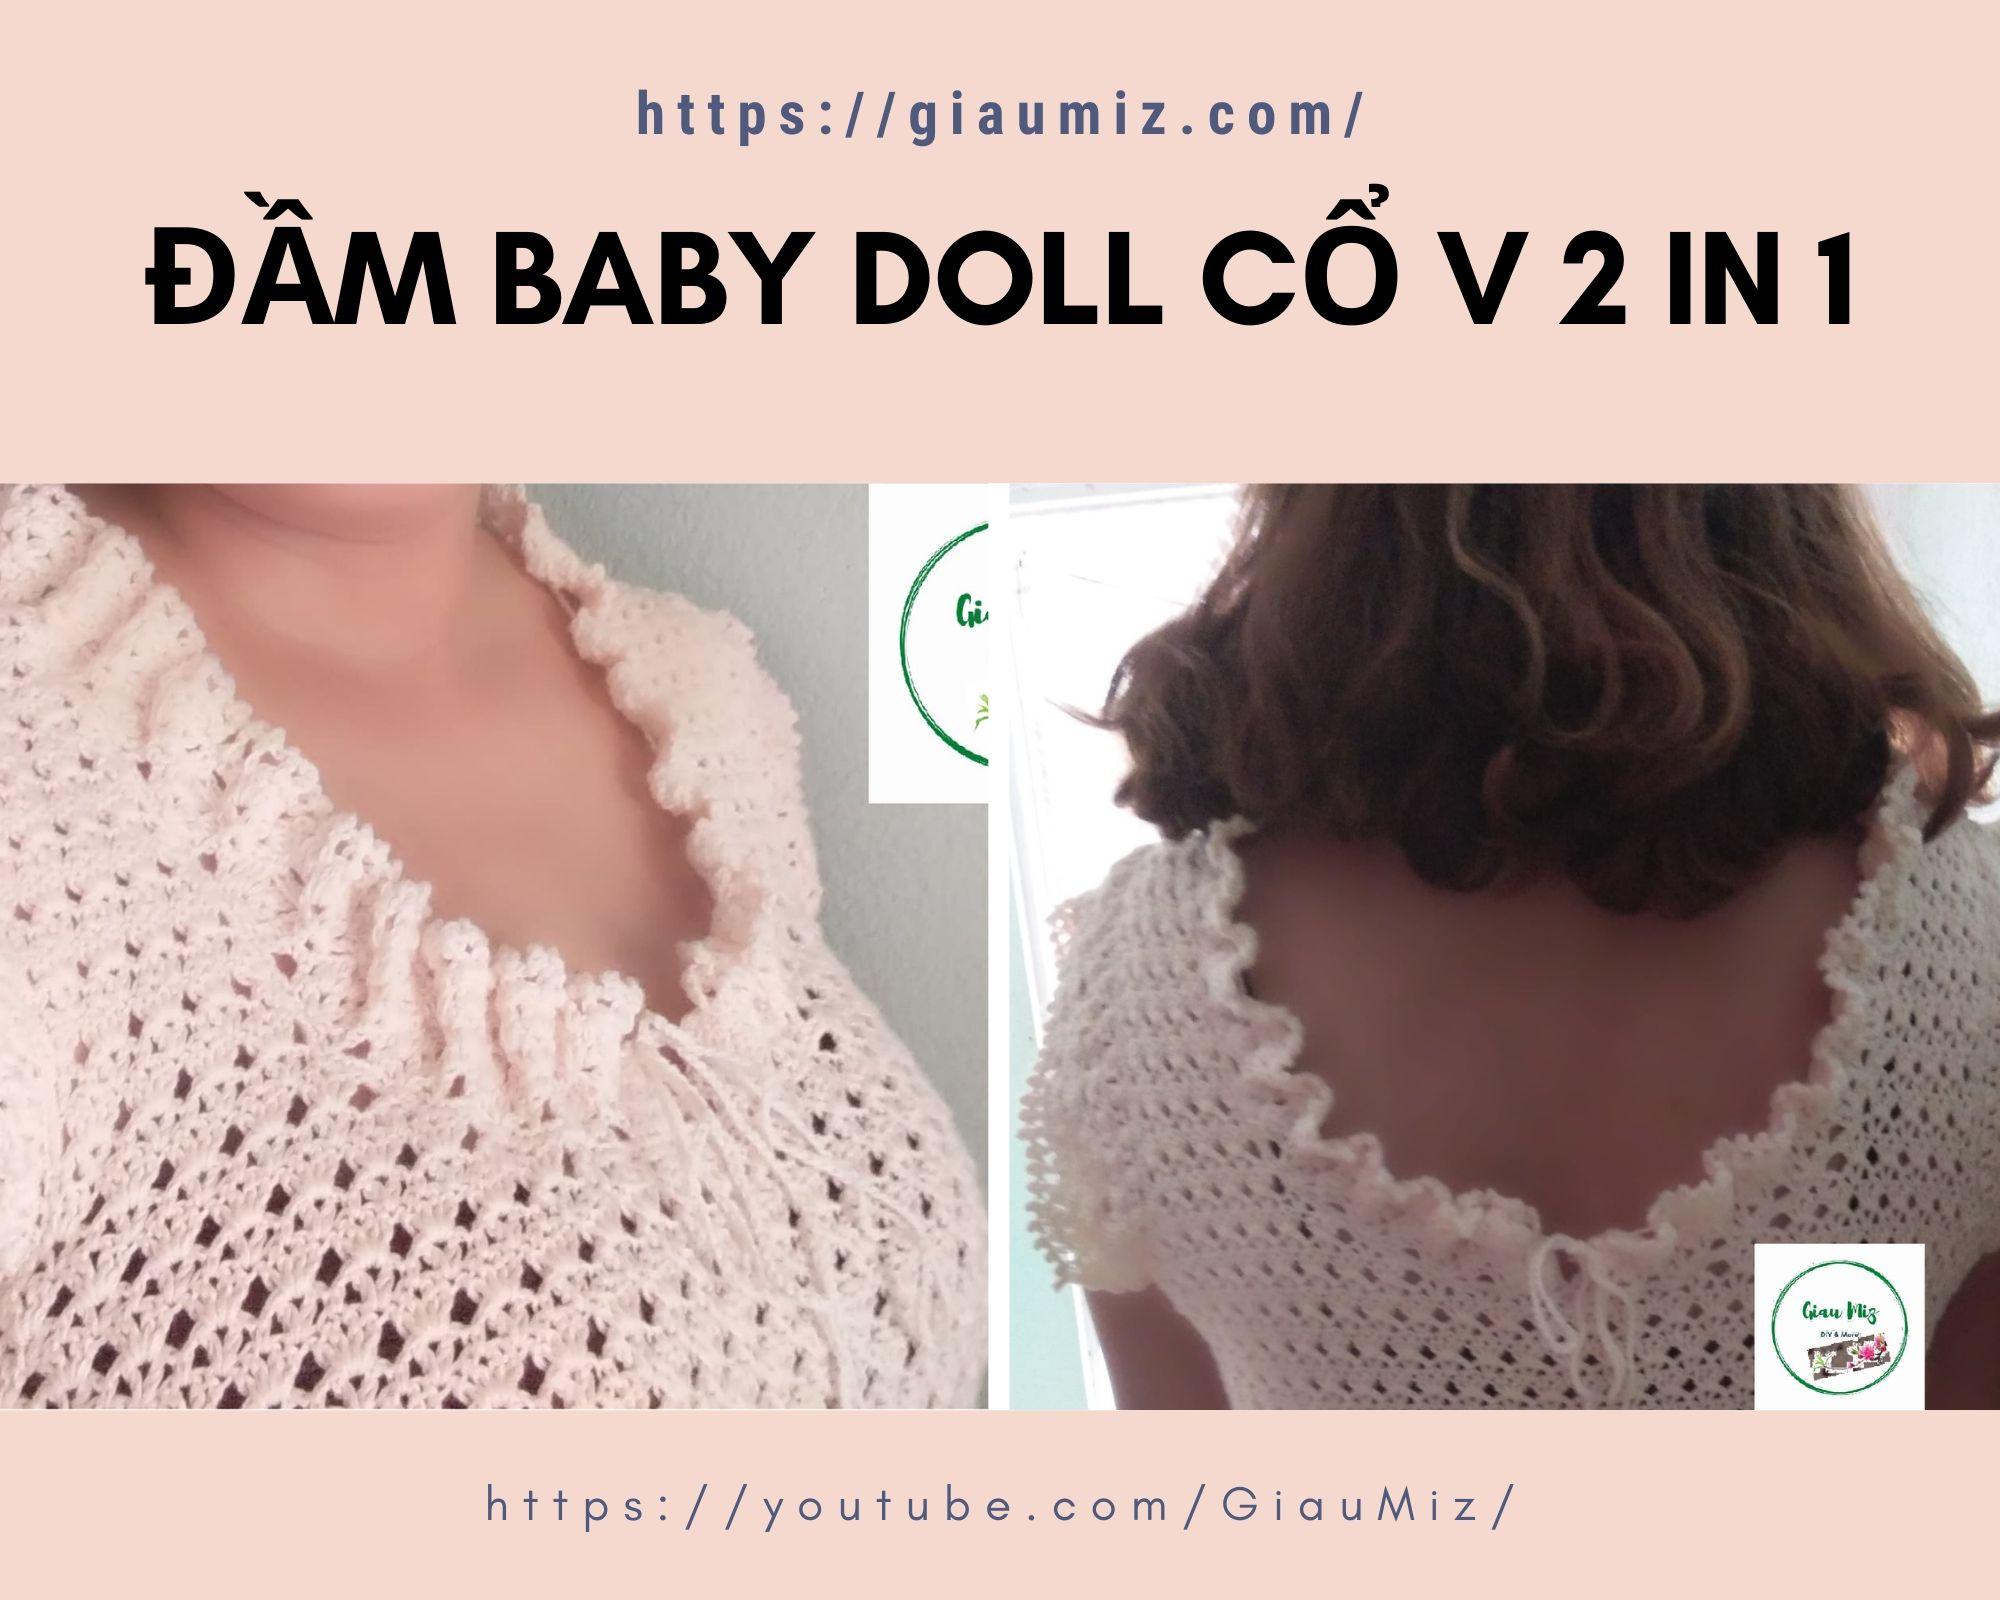 đầm baby doll cổ v 2 in 1 _ giaumiz